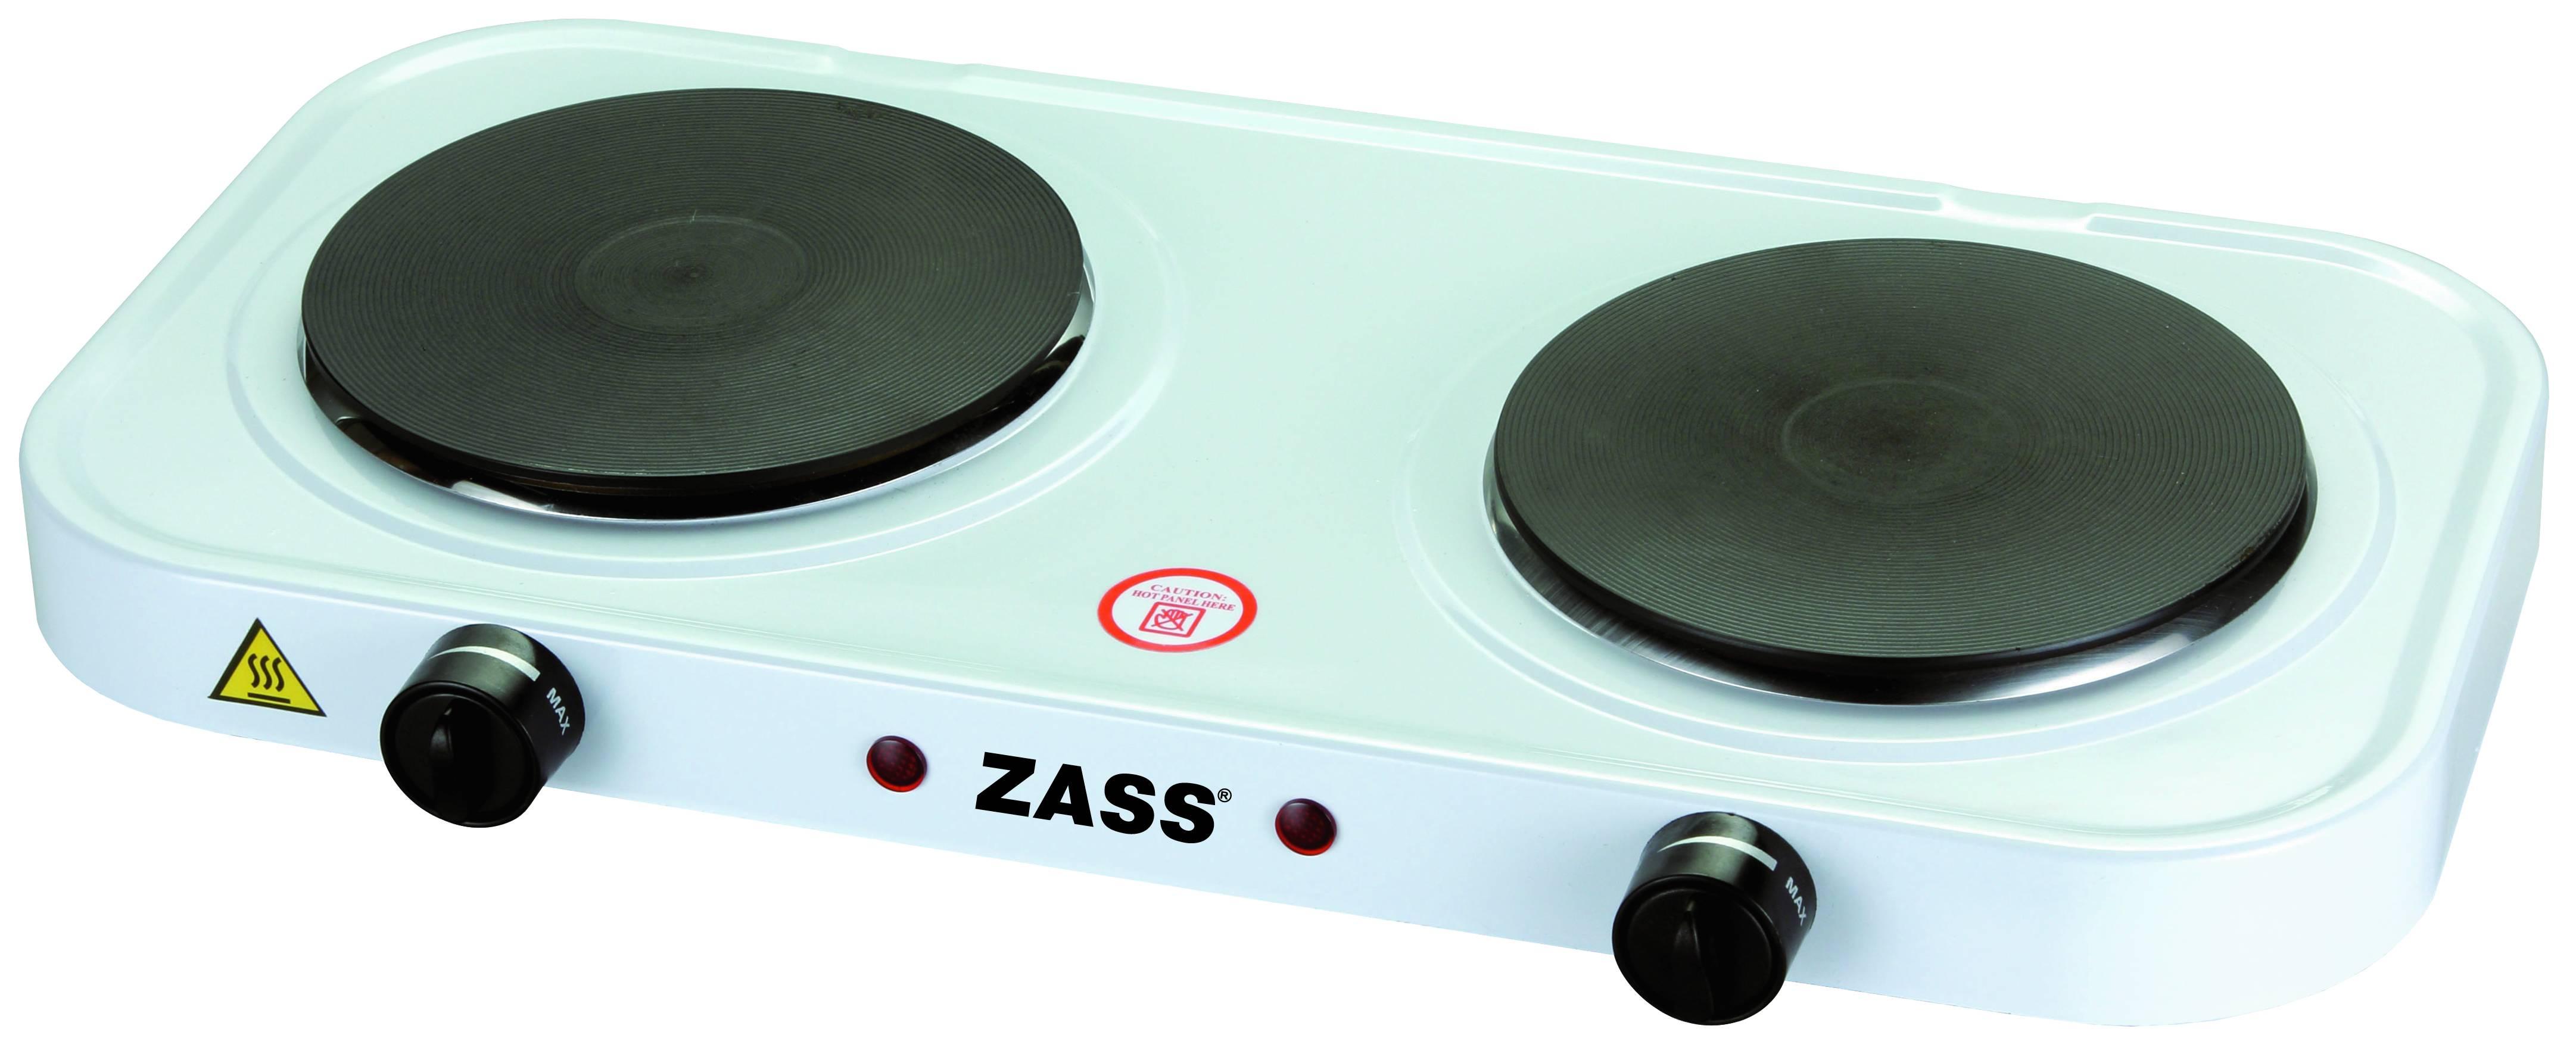 Plita electrica dubla Zass ZHP 05, 2000W, 2 ochiuri